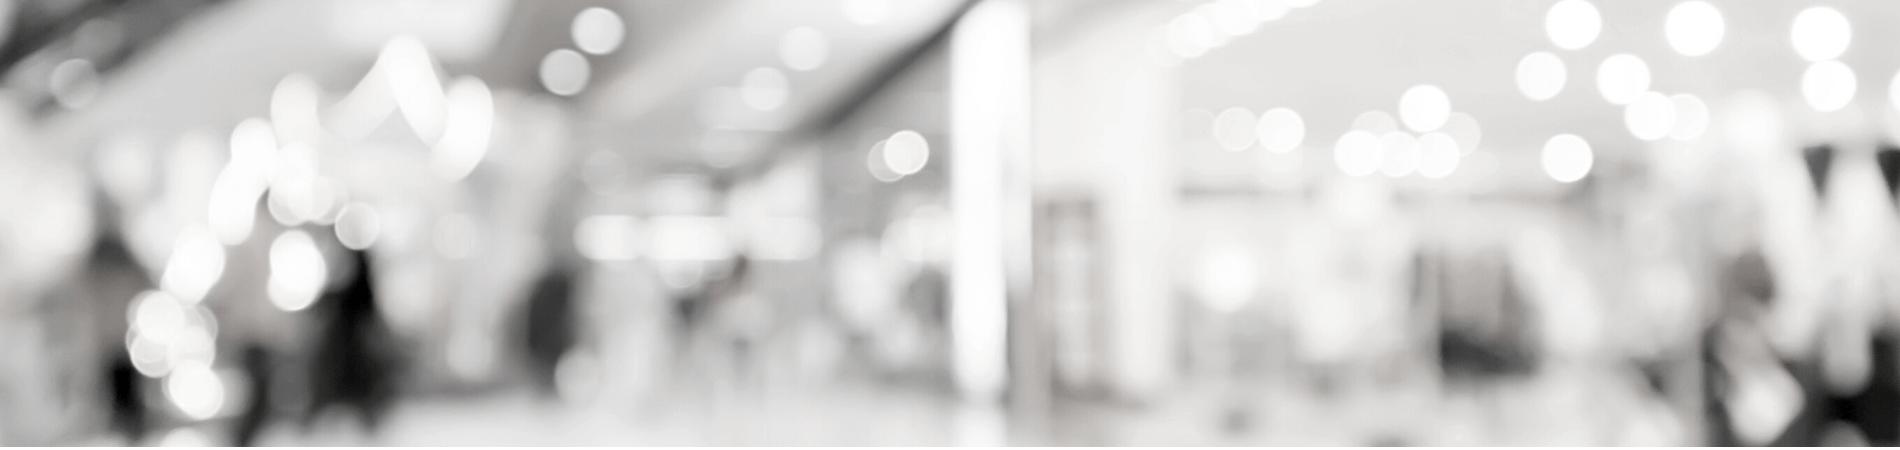 Morale & Besa asesoró a Vivocorp en la venta de cuatro centros comerciales a Grupo Patio